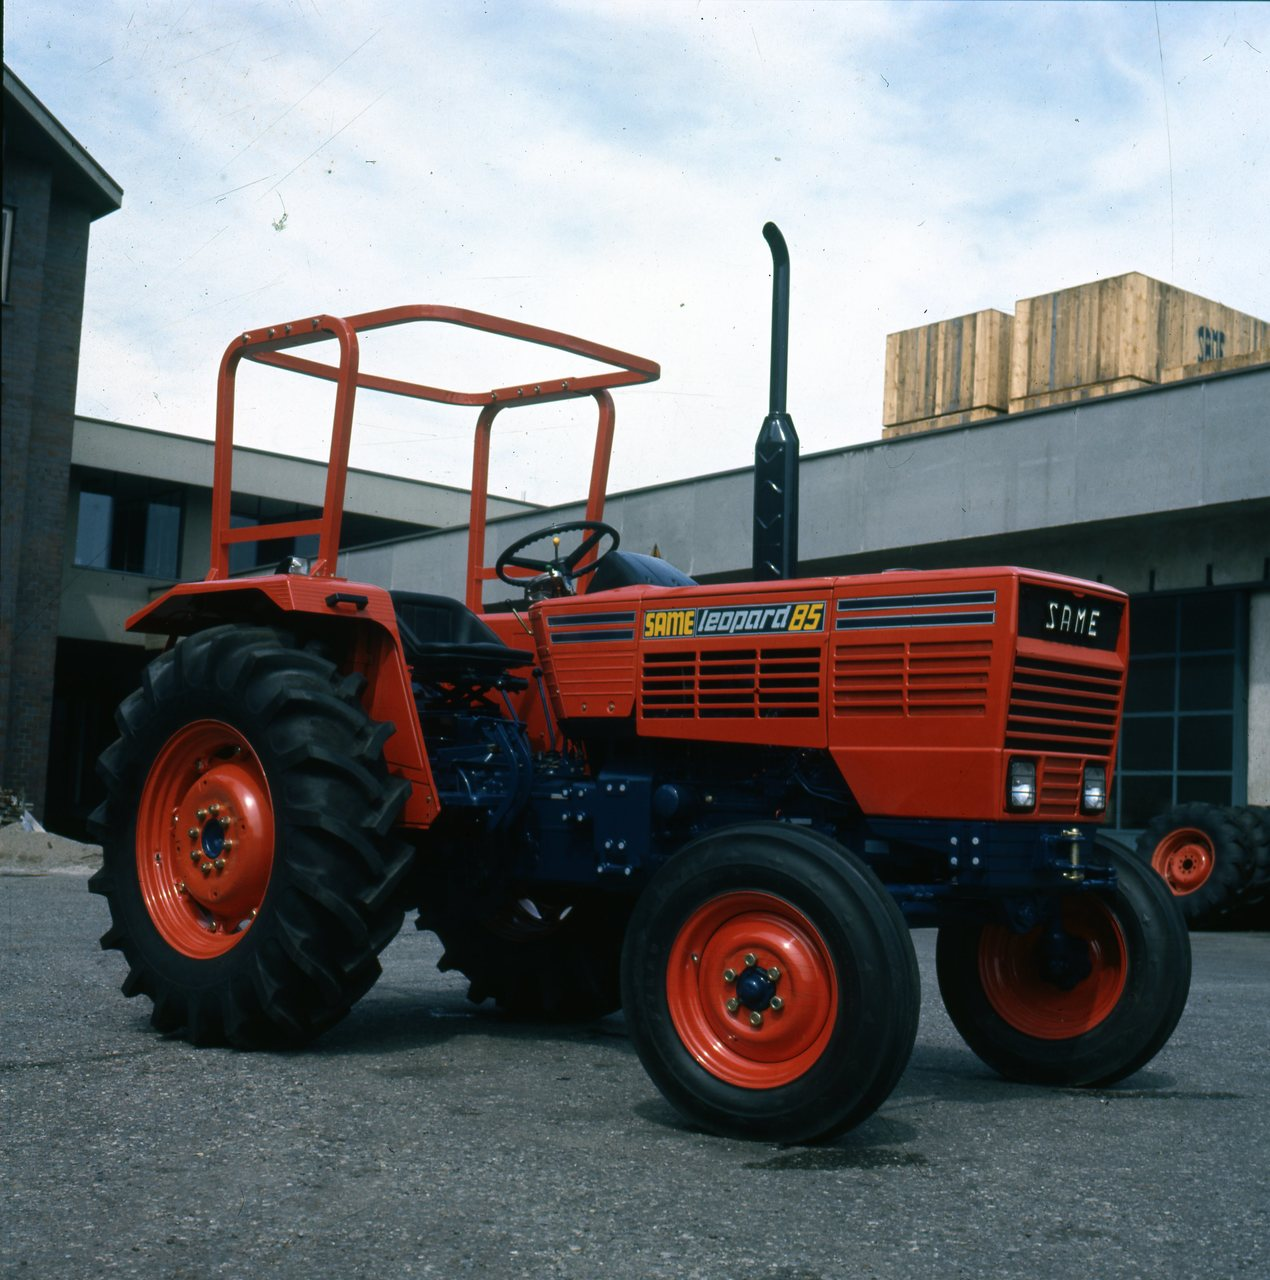 [SAME] trattore Leopard 85 presso lo stabilimento di Treviglio e particolari